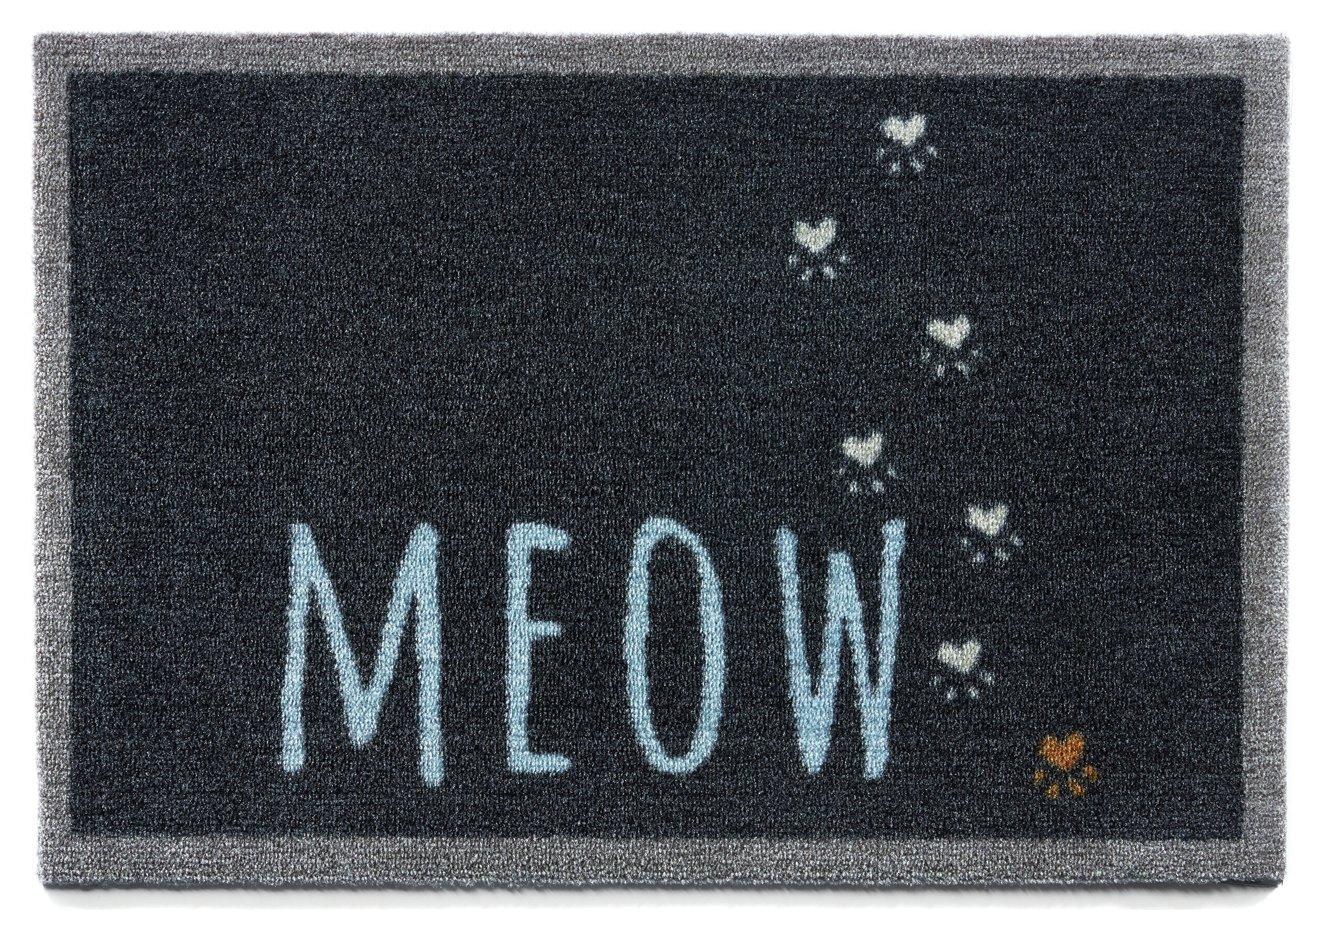 howler-scratch-meow-doormat-75x50cm-navy